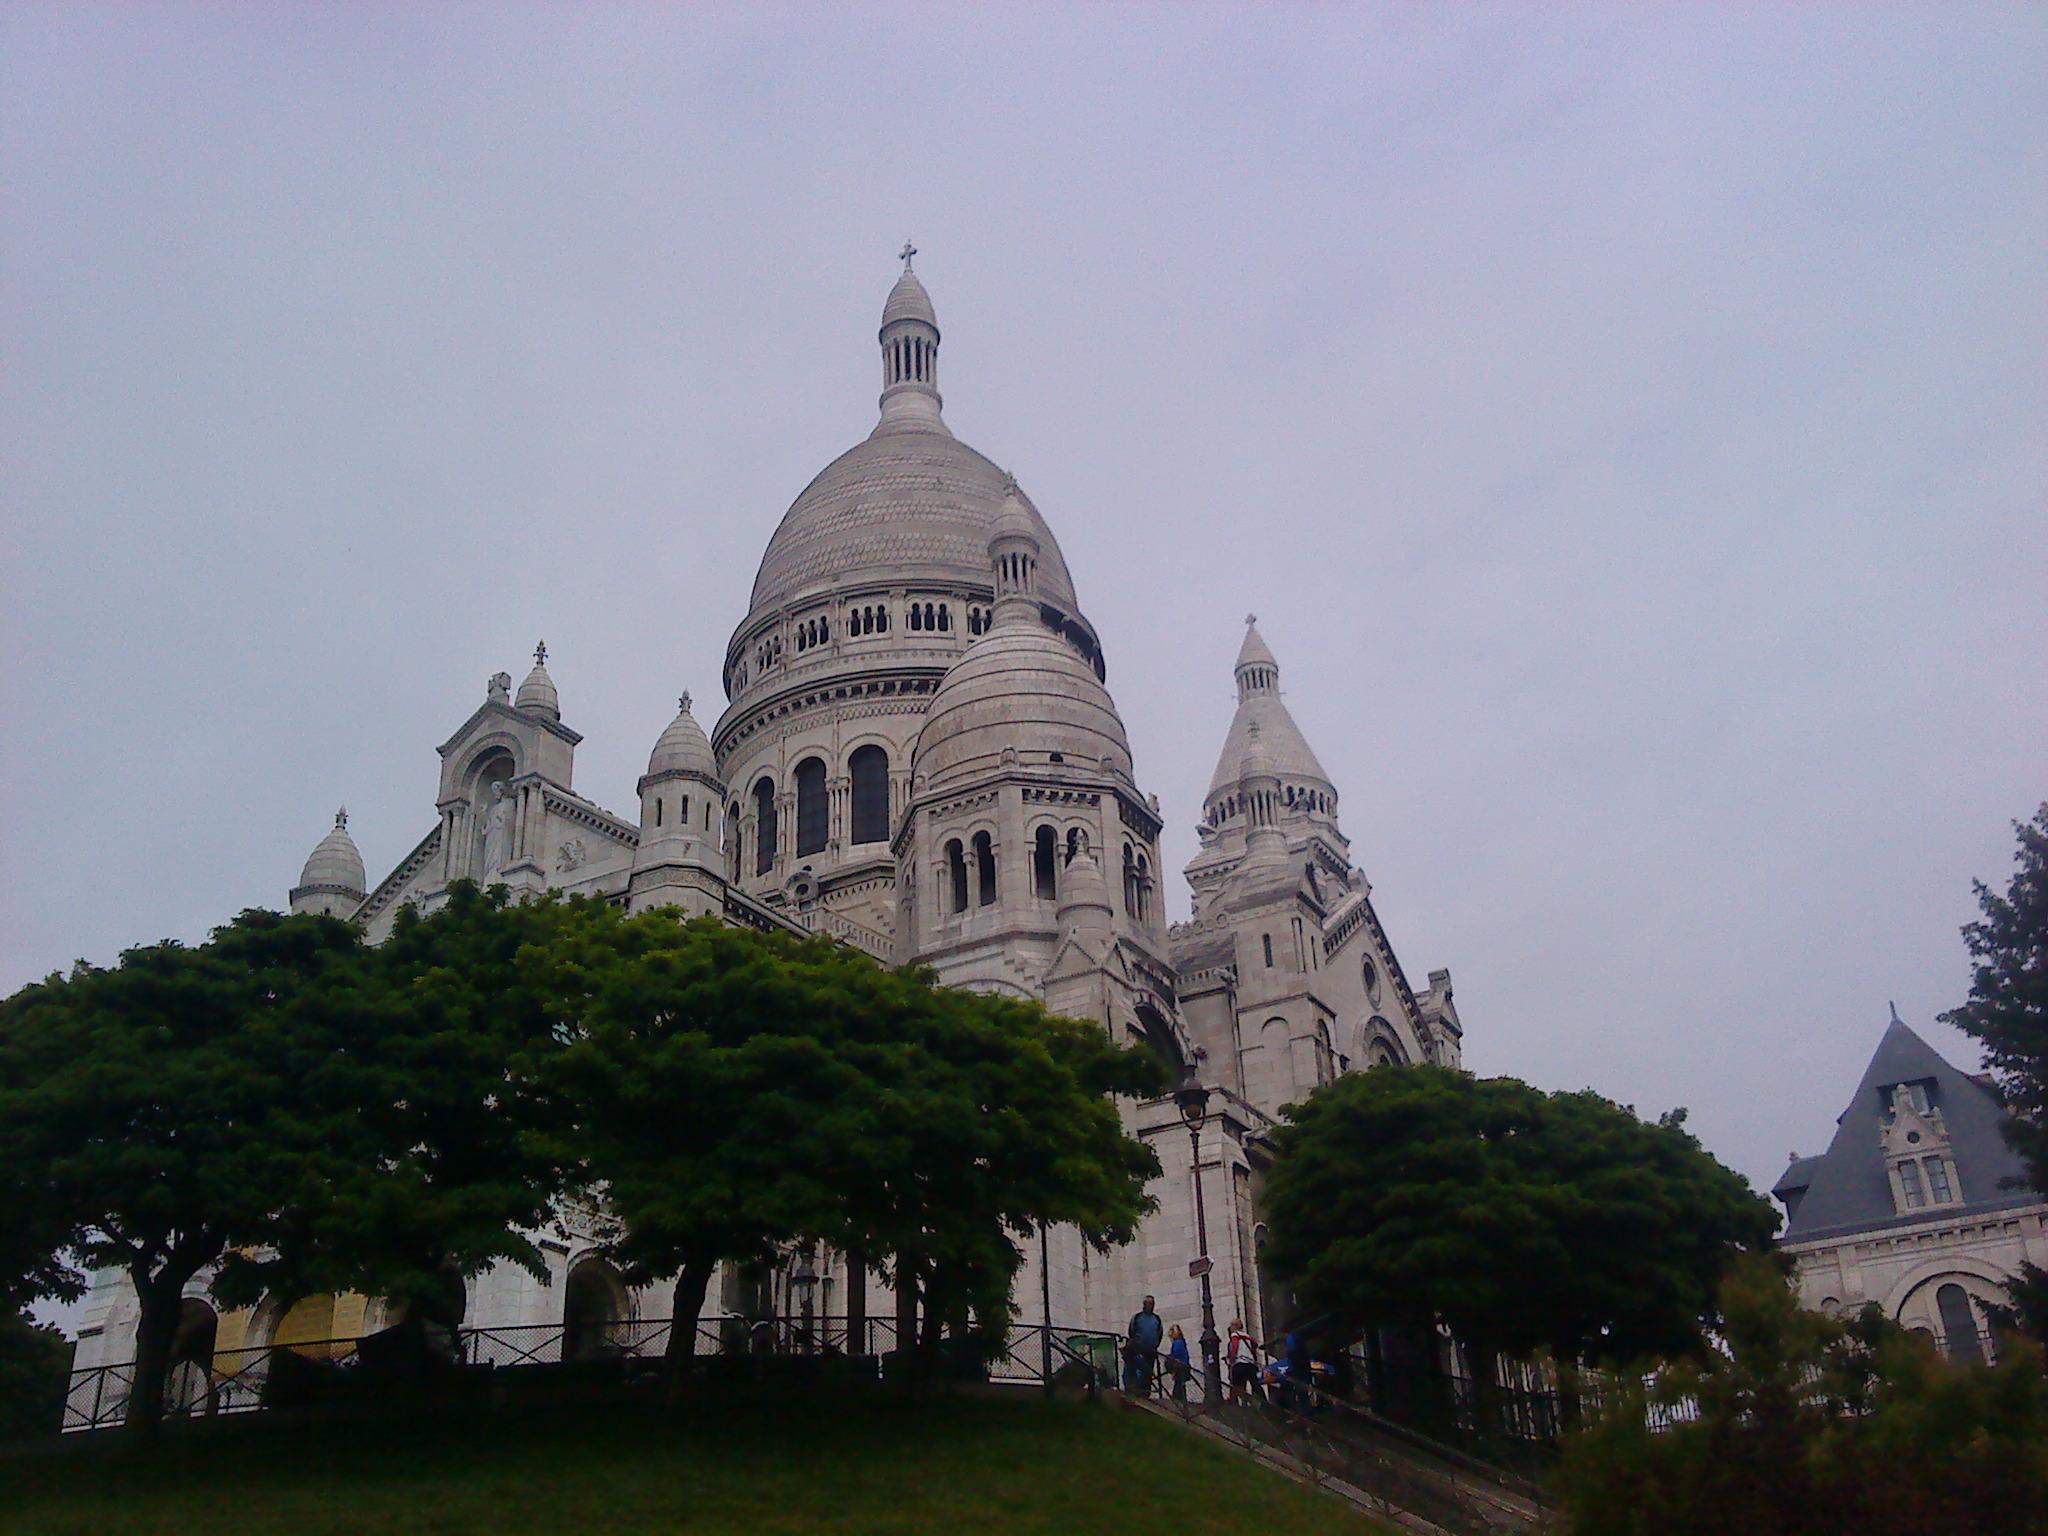 文化巴黎的魅力——卢浮宫、凯旋门……_图1-9